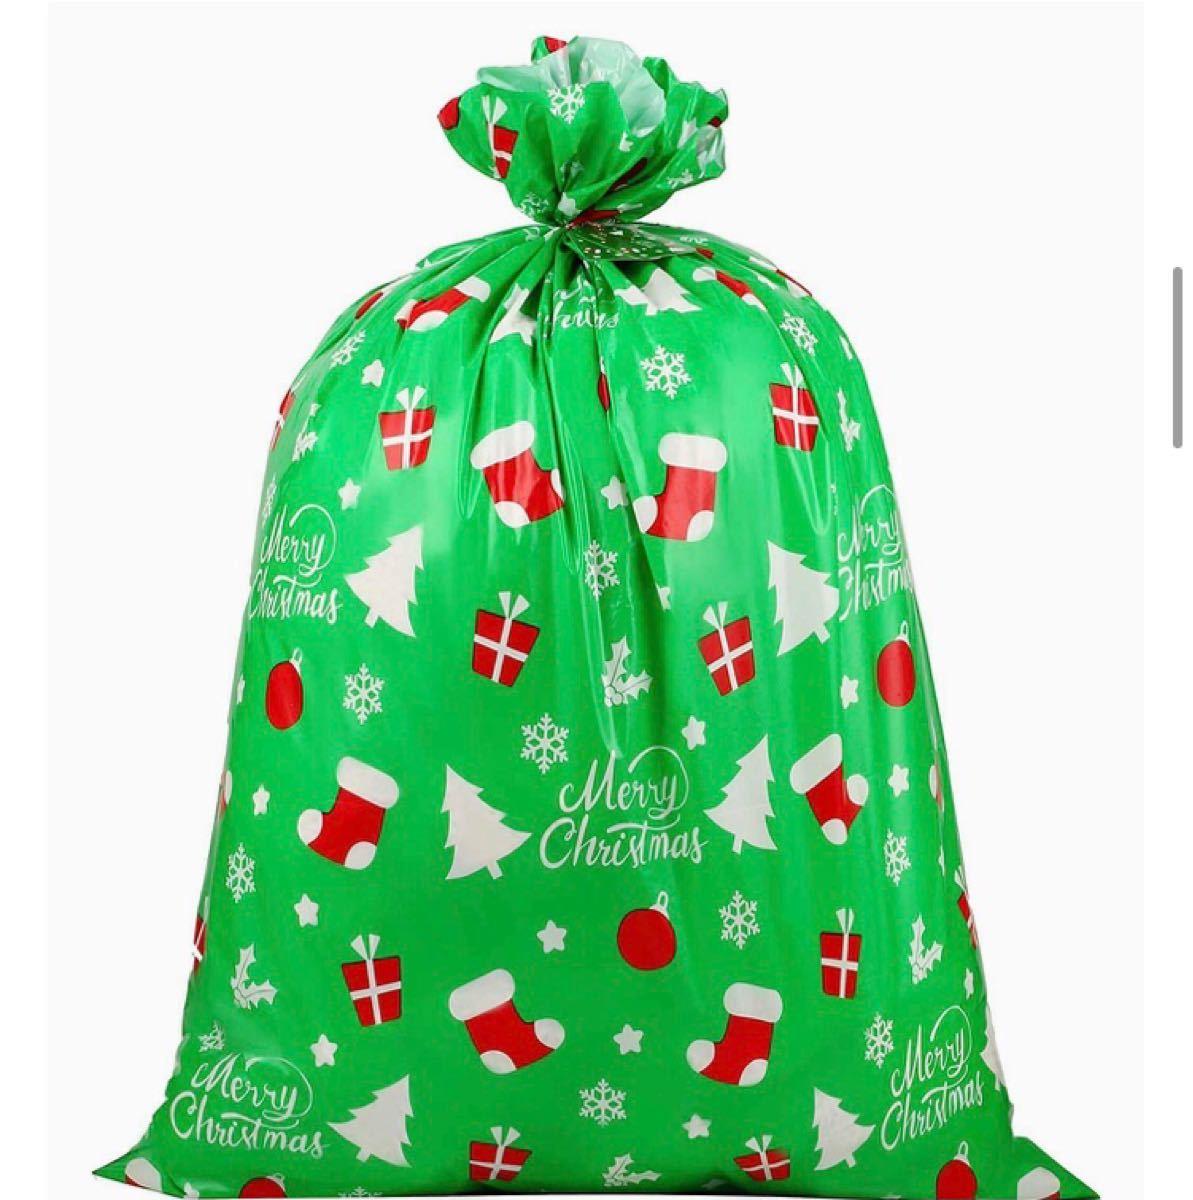 ラッピング袋 袋 クリスマス ラッピング 特大